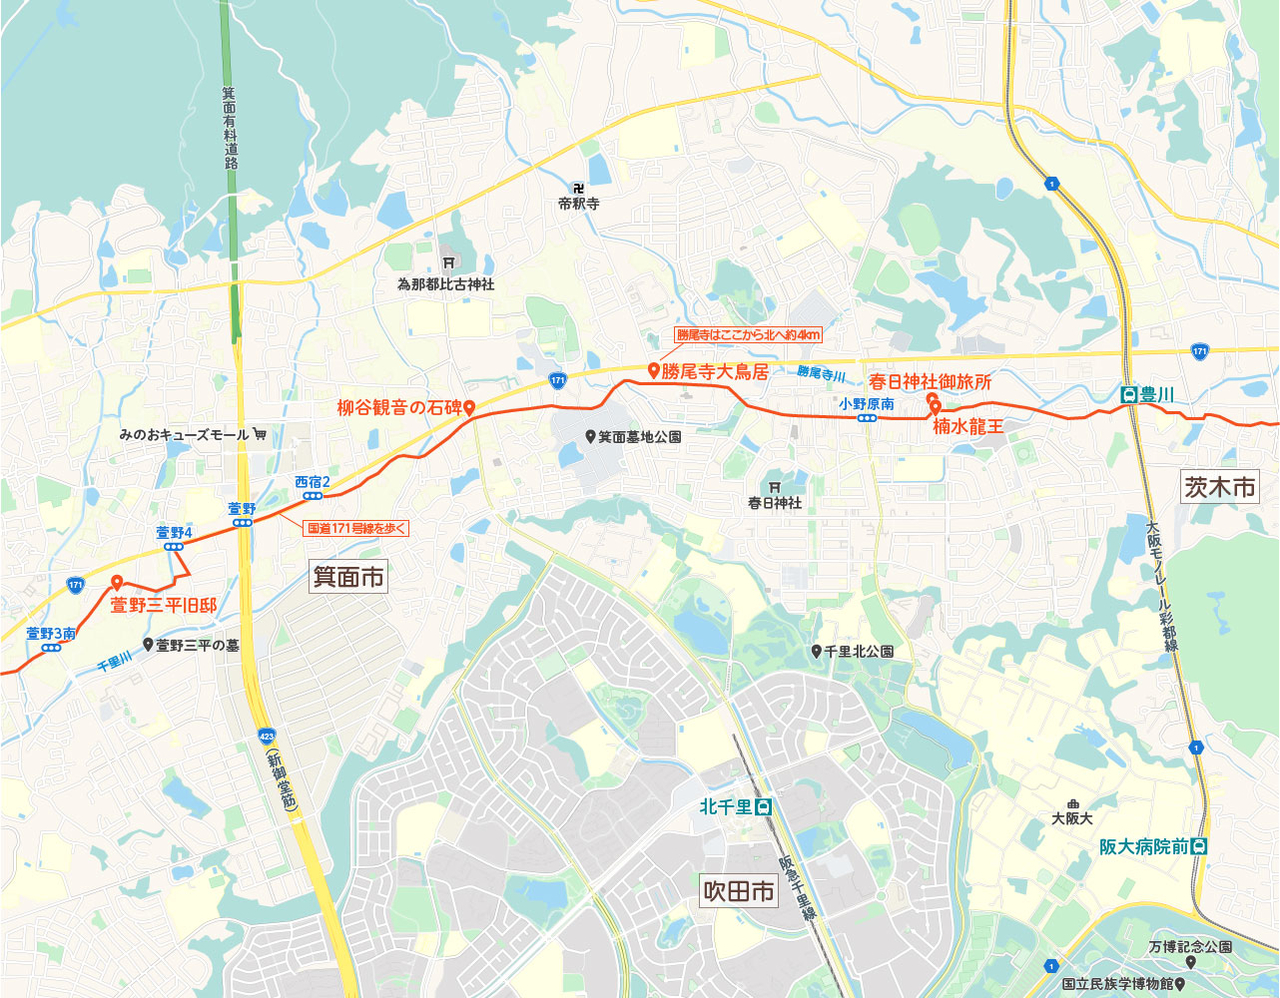 f:id:kimura_khs:20201219165955j:plain